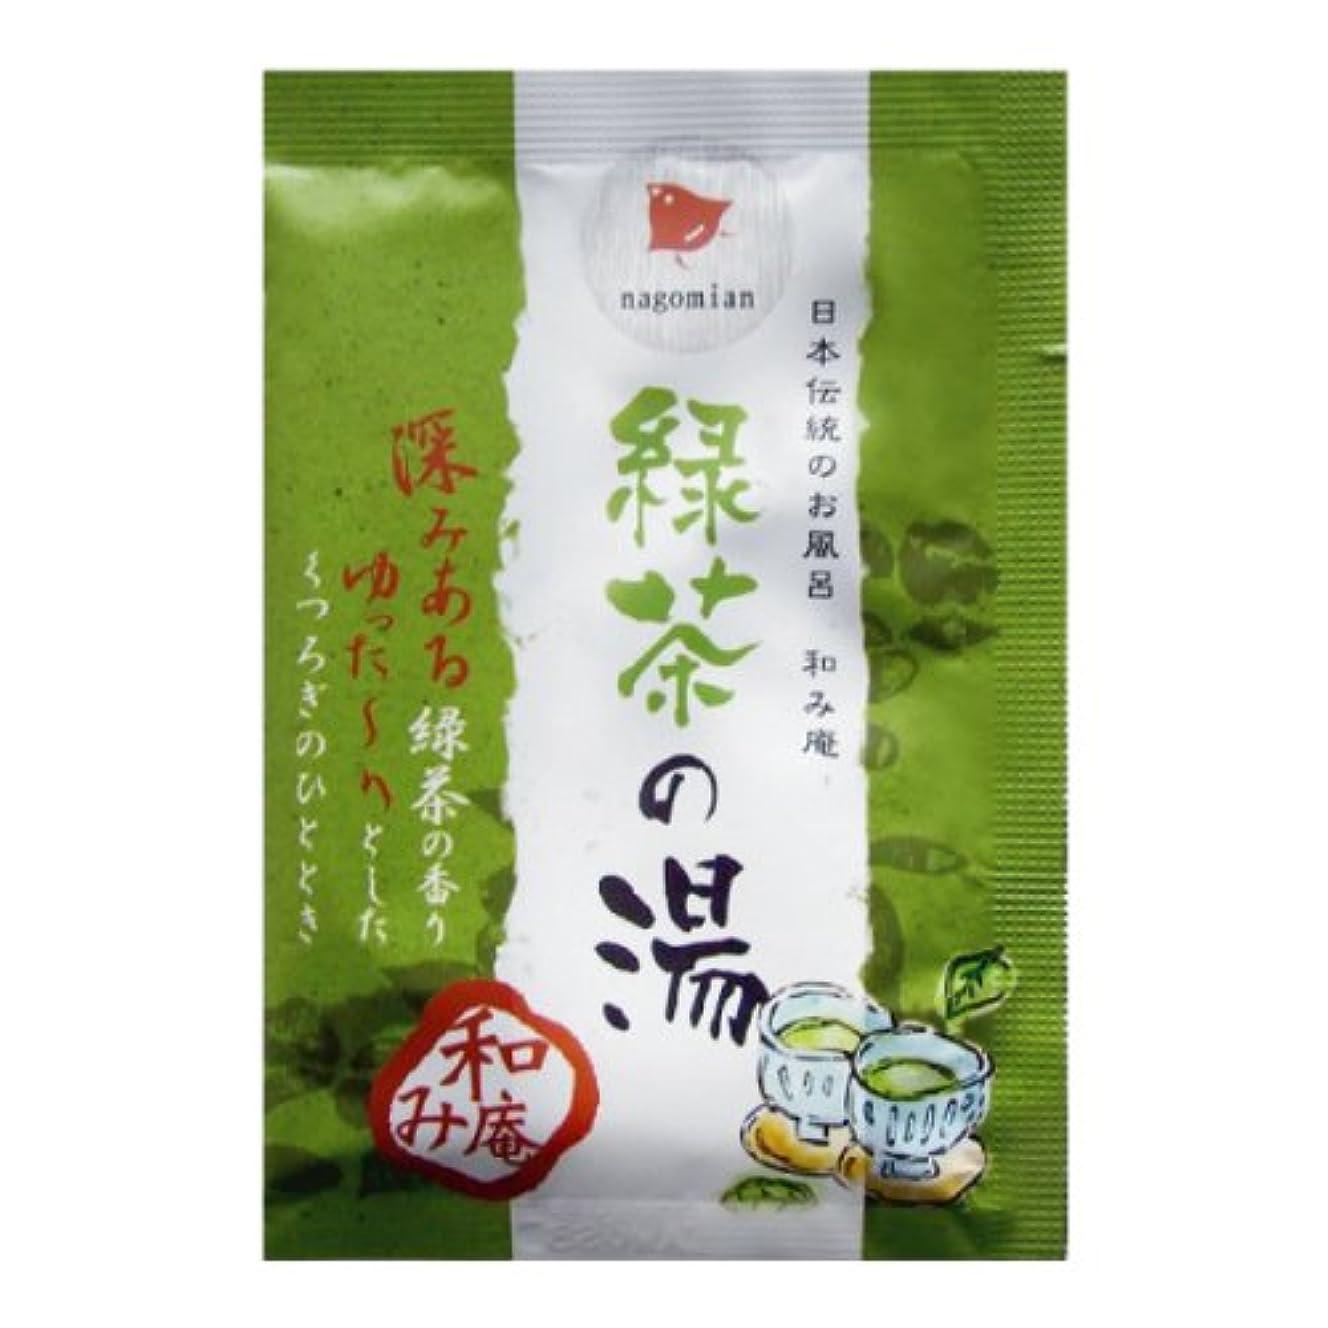 ゴール記念品順応性日本伝統のお風呂 和み庵 緑茶の湯 200包